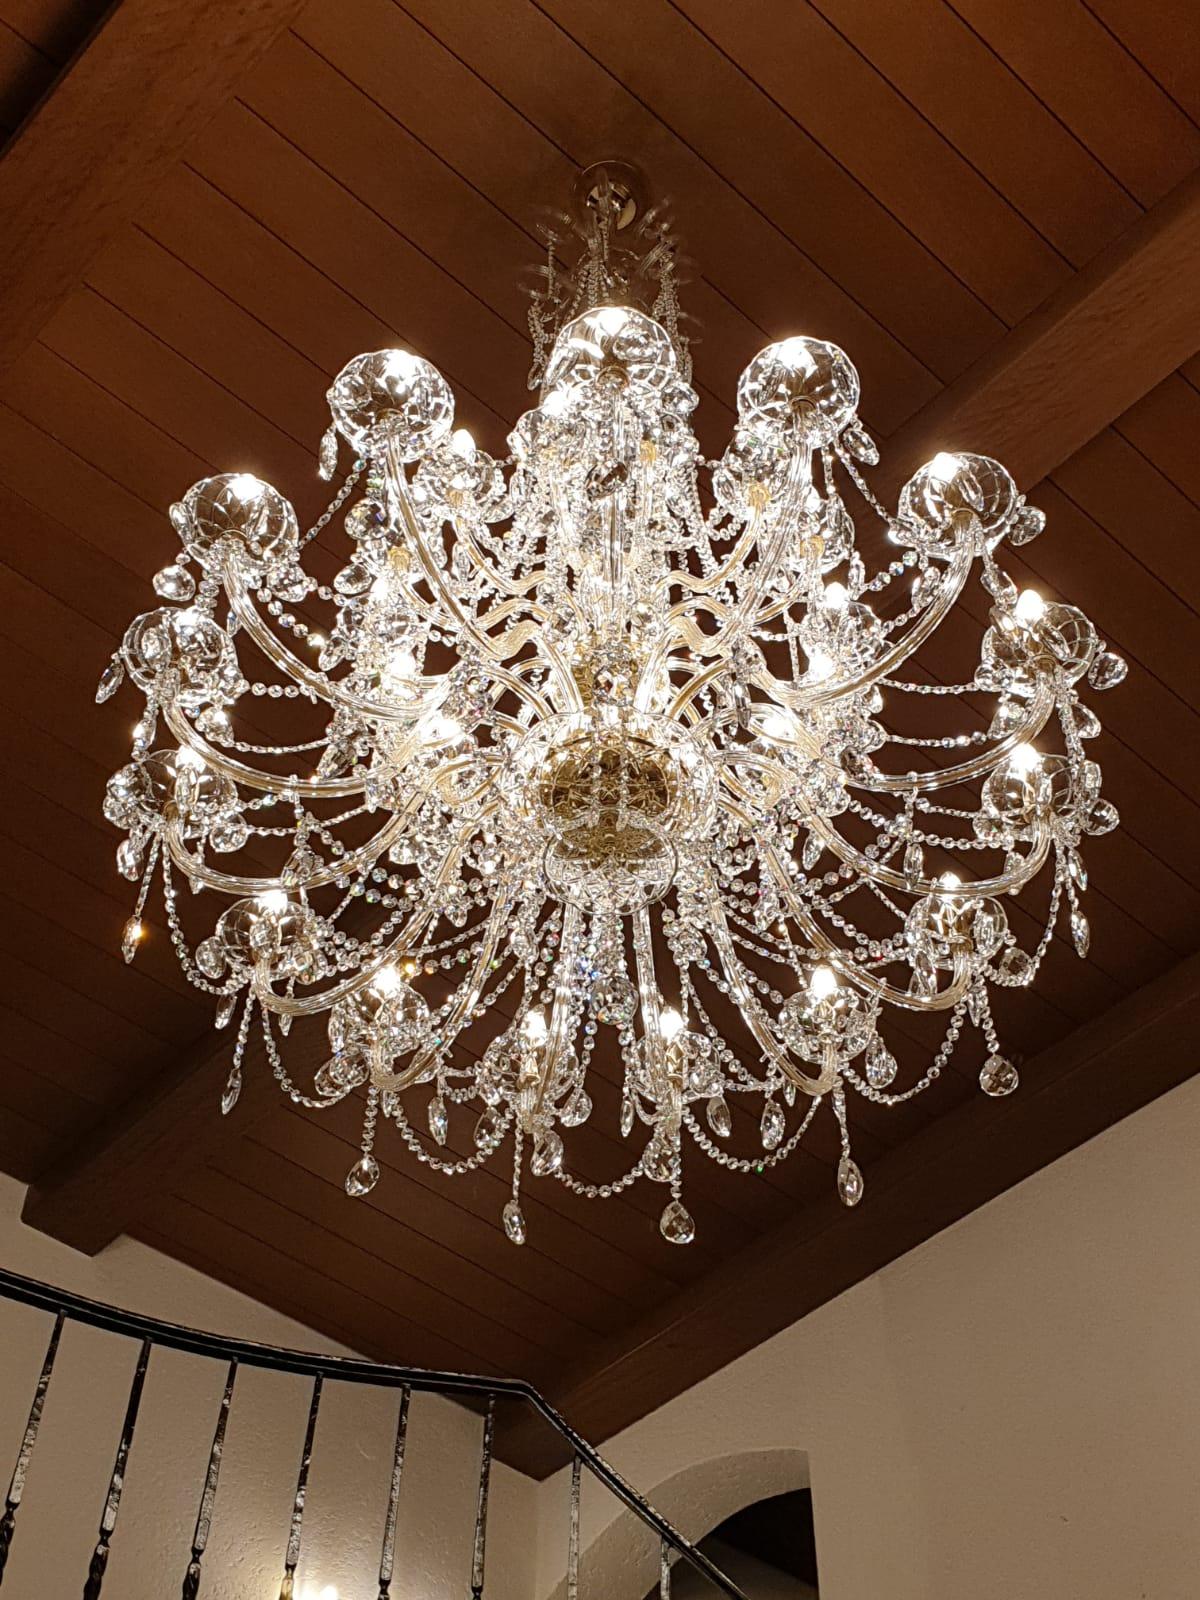 private-house-germany-princess-crystal-chandelier-wranovsky-2.jpg